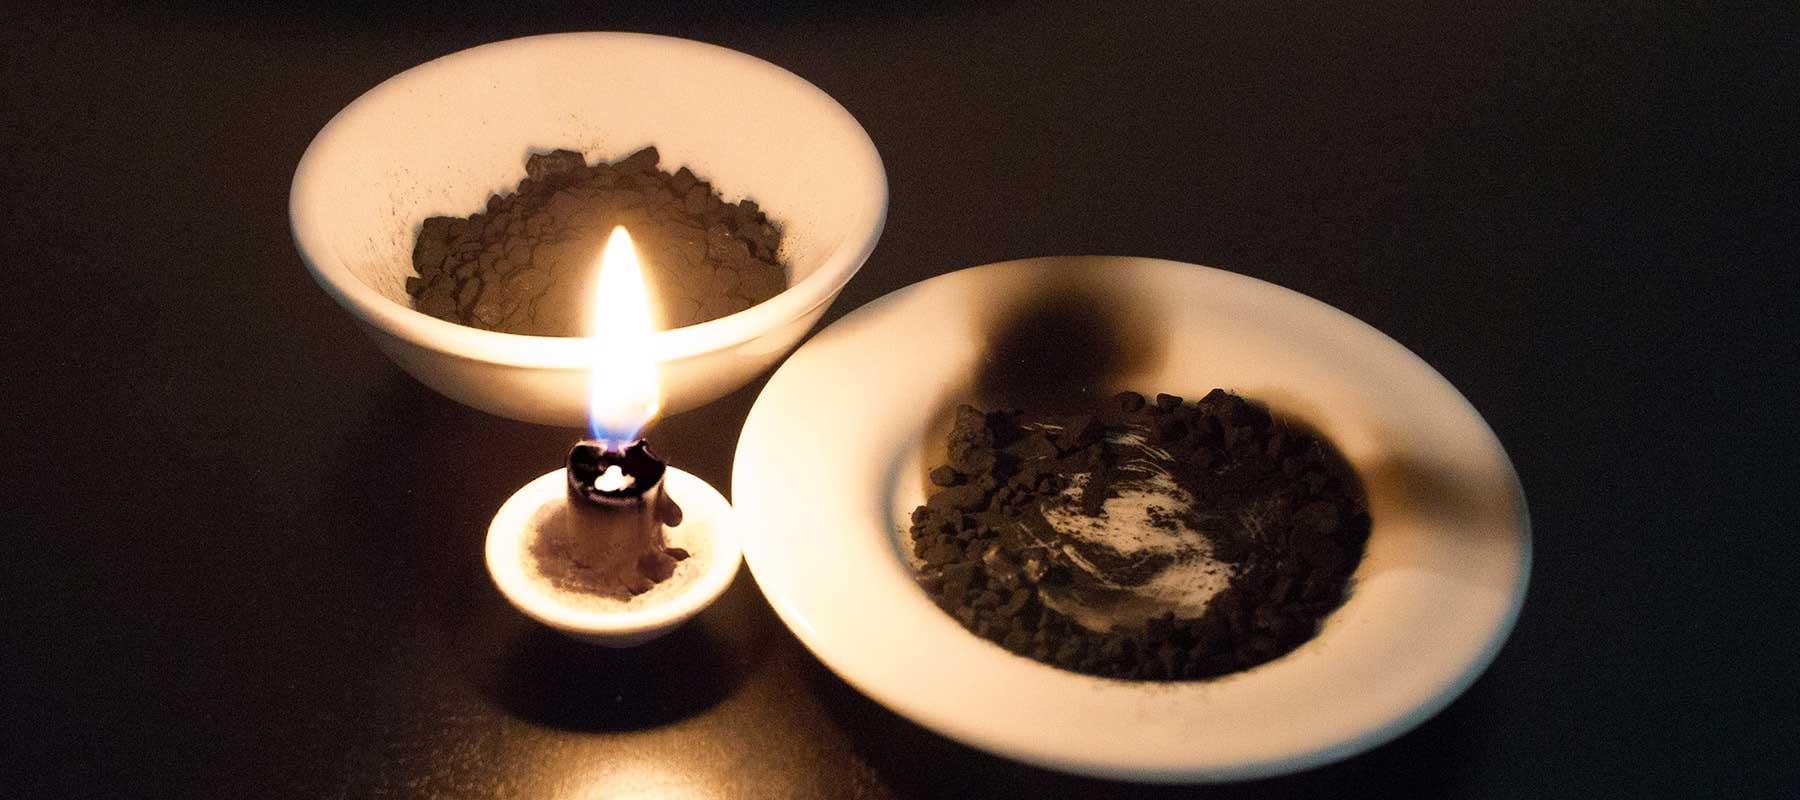 Magische Zutaten: Schwarzes Salz - Herstellung